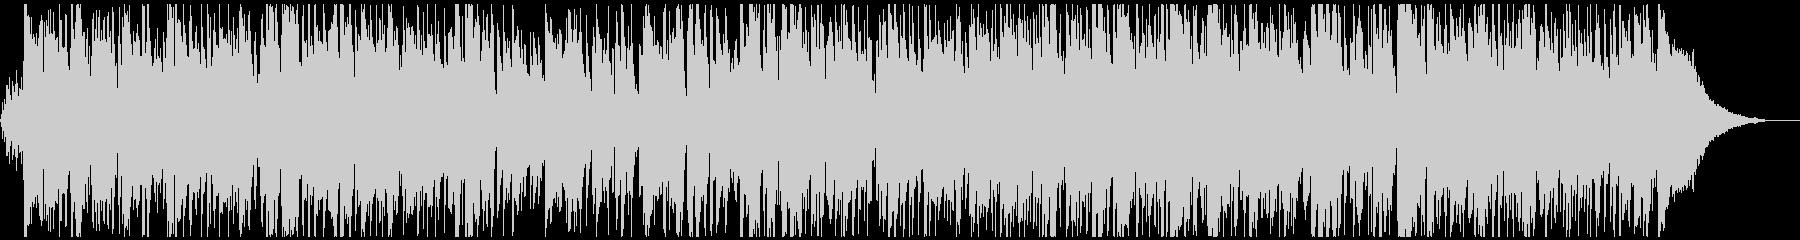 【生演奏】しっとり大人のカフェボサノバの未再生の波形